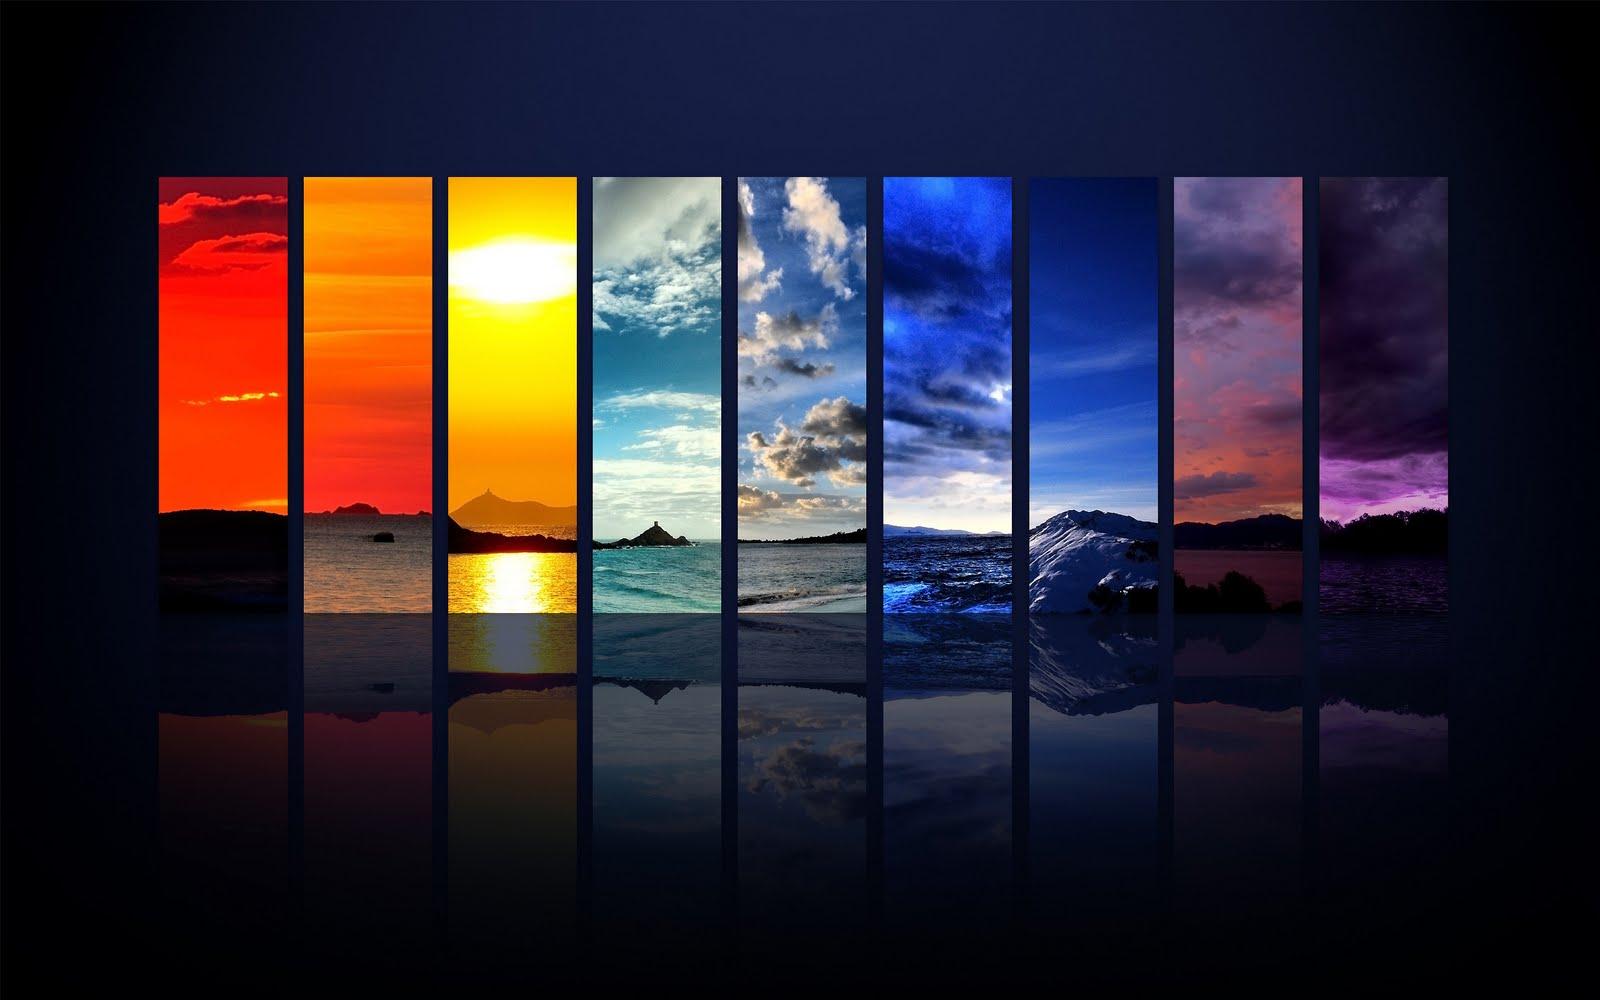 http://3.bp.blogspot.com/_6u1p_vhs3IU/TIl1HjExbdI/AAAAAAAAFGQ/1ox7TaQUvJg/s1600/wallpaper+cielo+de+color.jpg